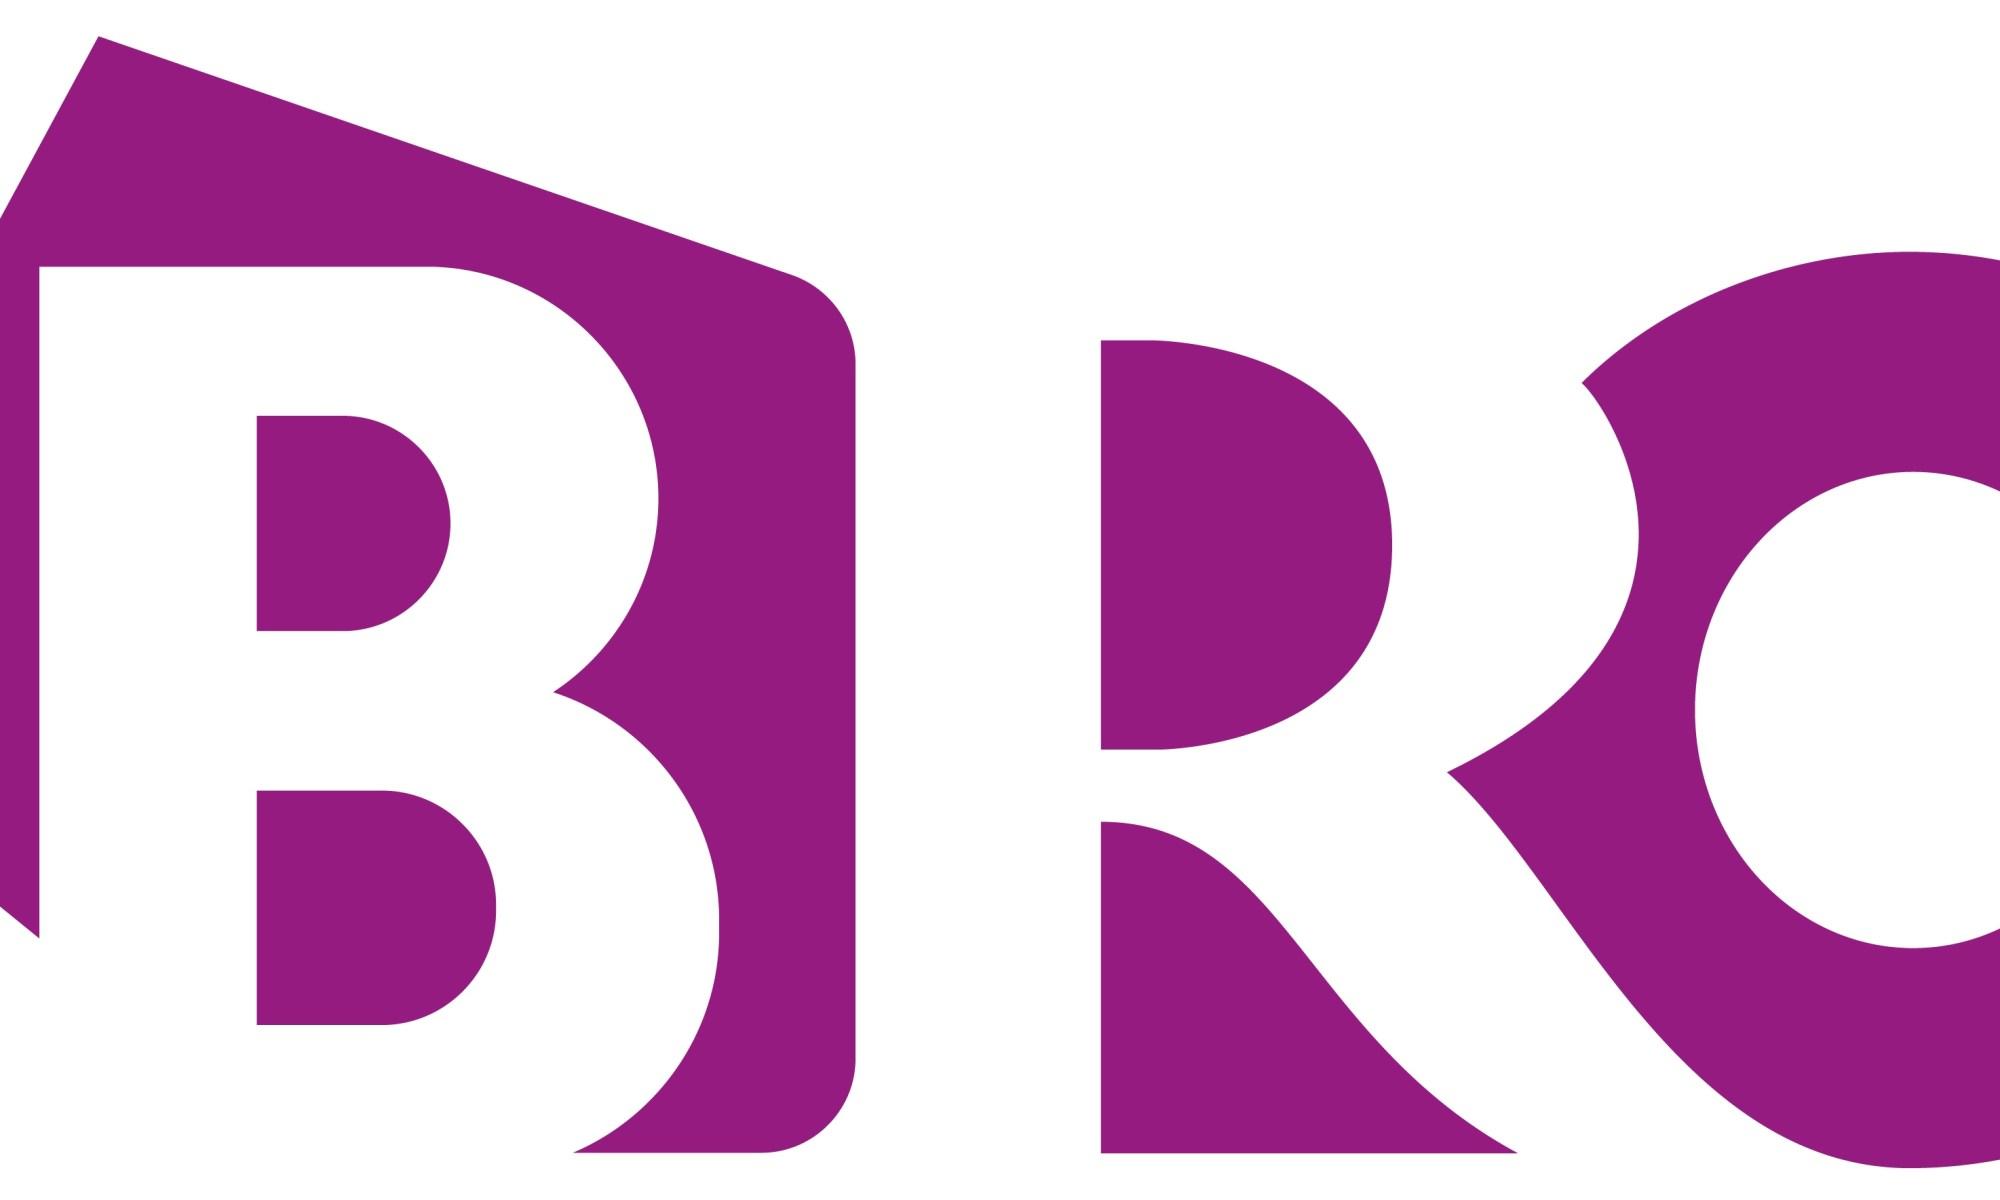 british retailers